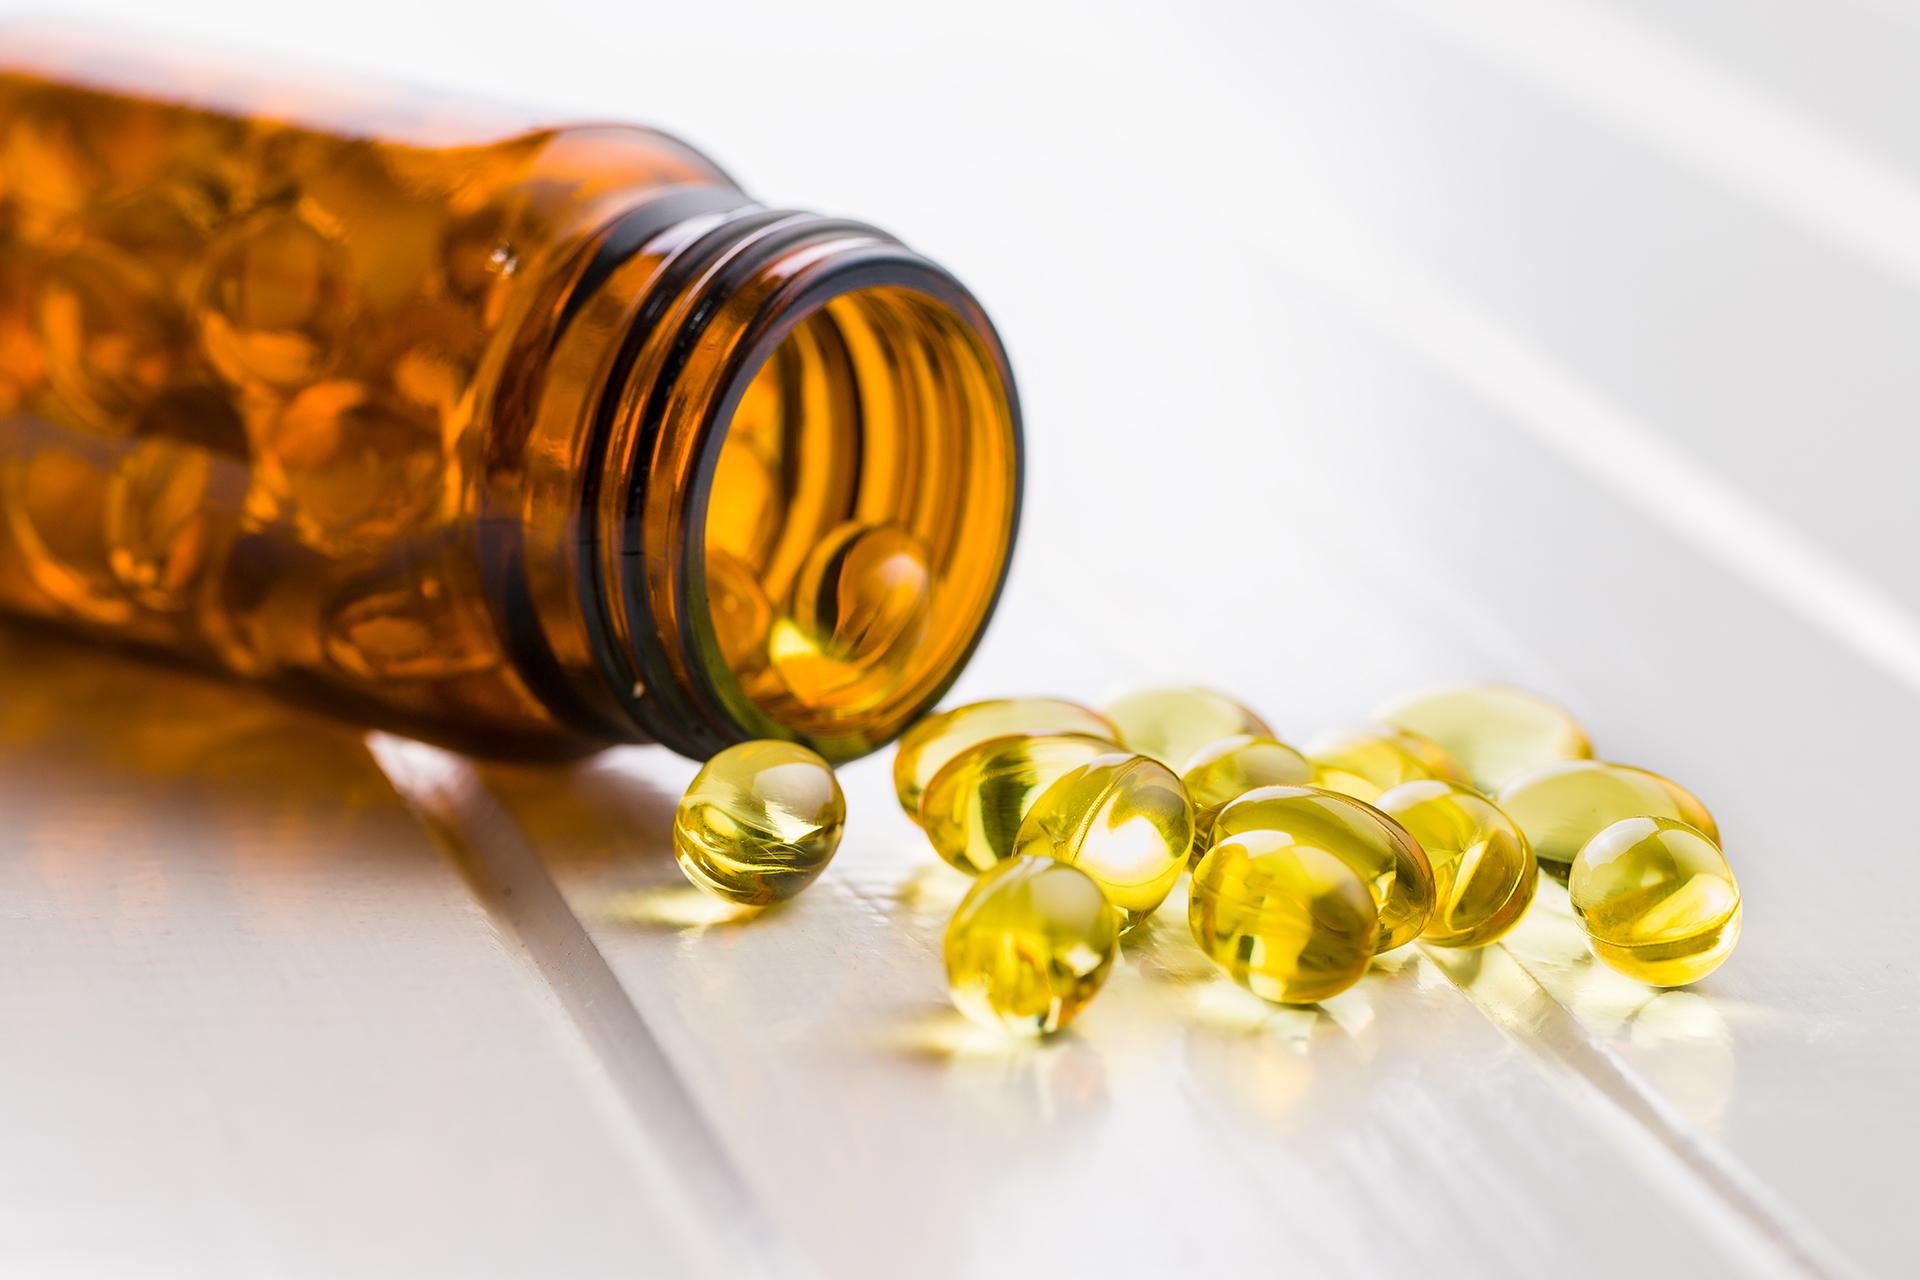 ویتامین ب کمپلکس و دارا بودن این ویتامین در بدن چه خواصی دارد؟